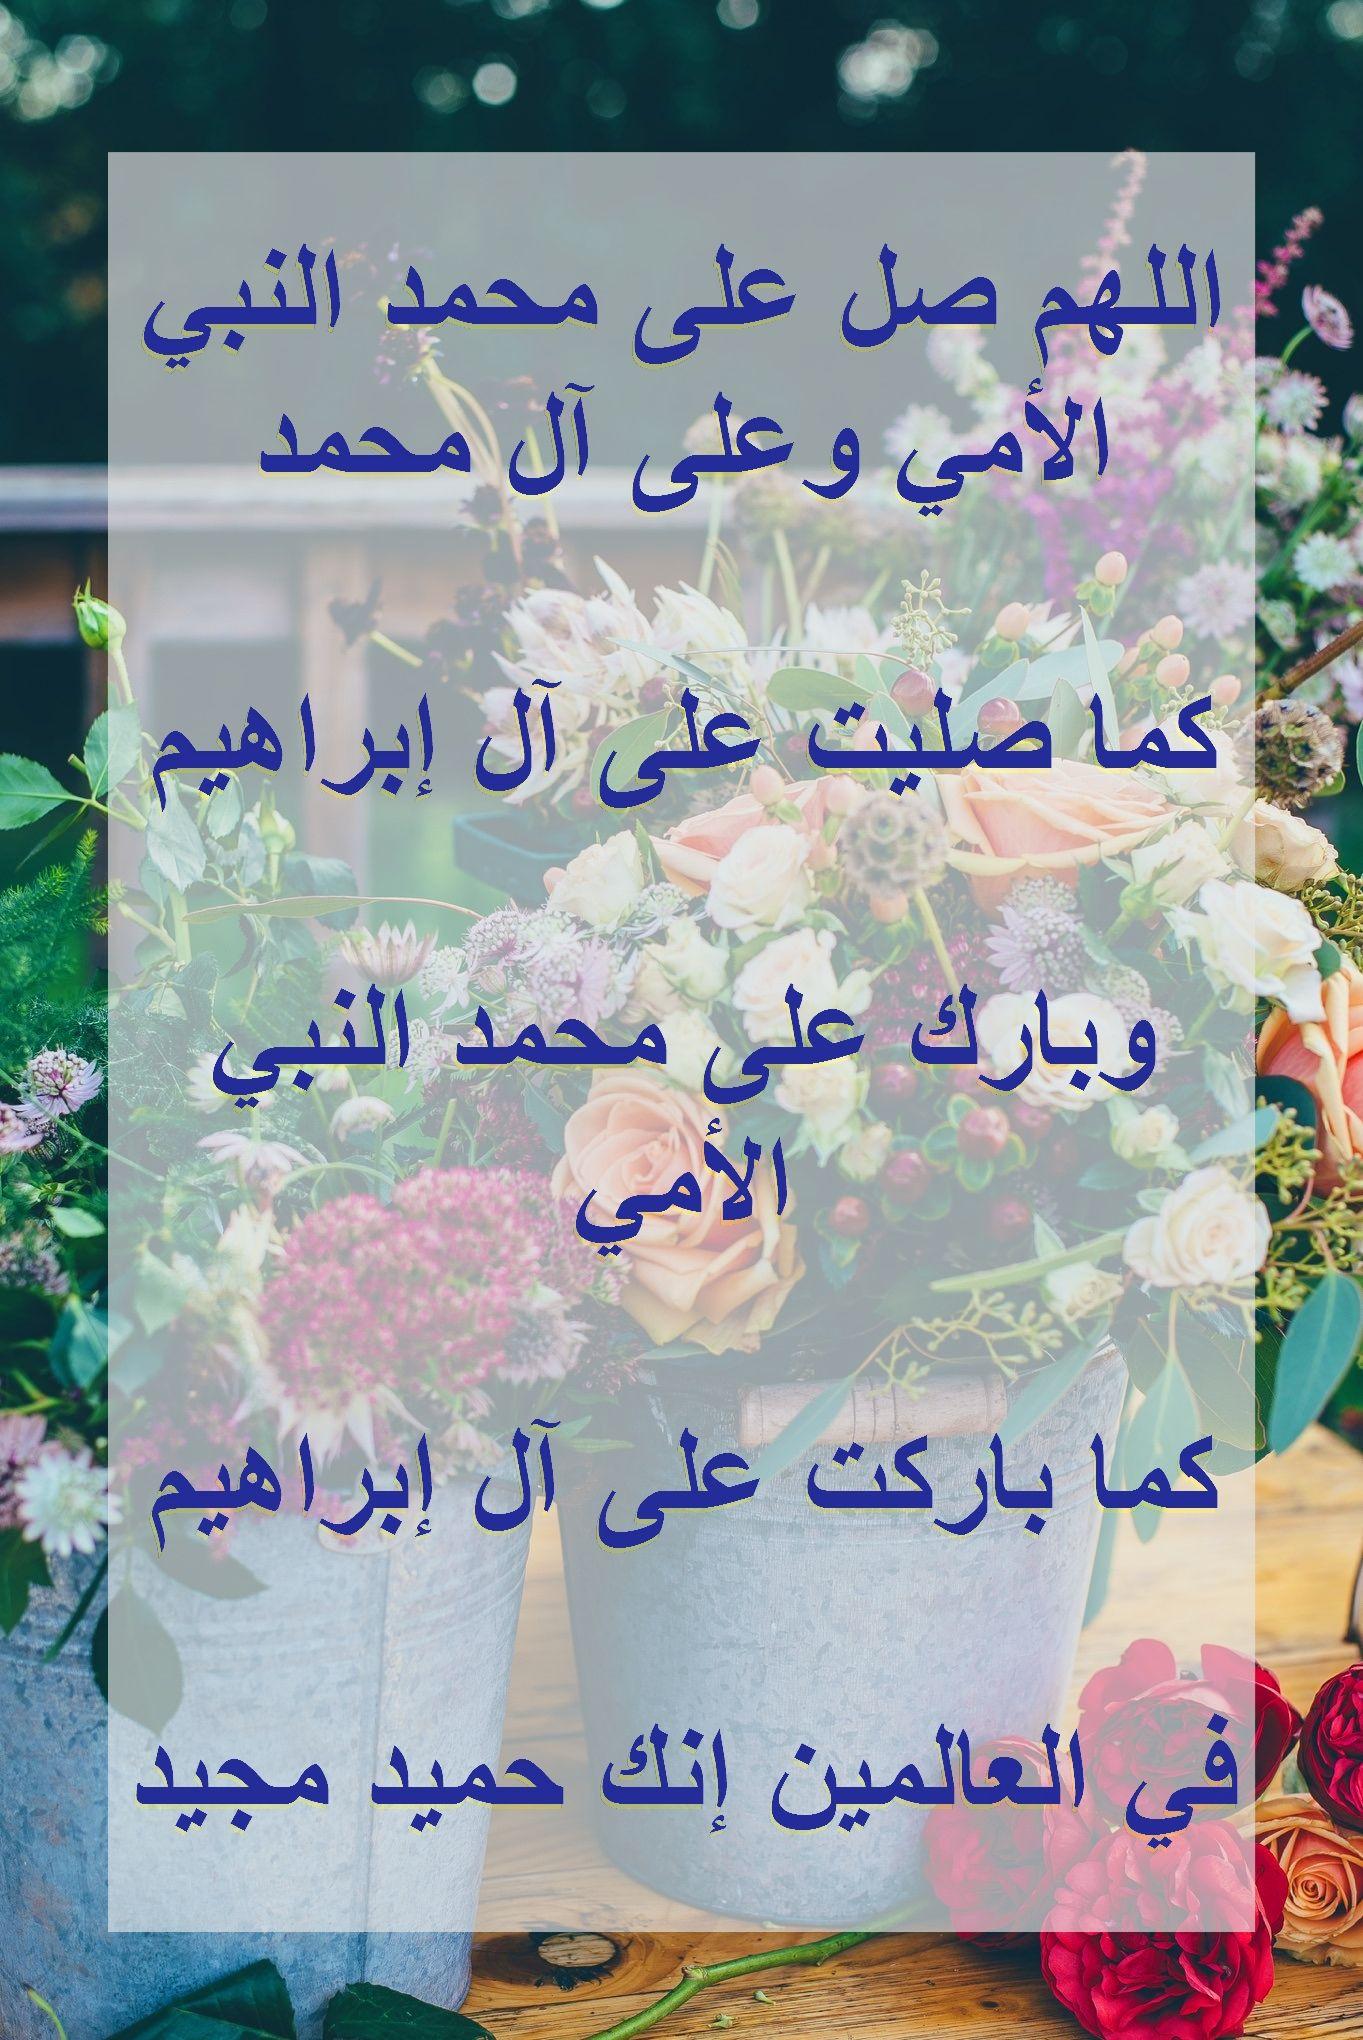 اللهم صلي على سيدنا محمد النبي الامي وعلى اله